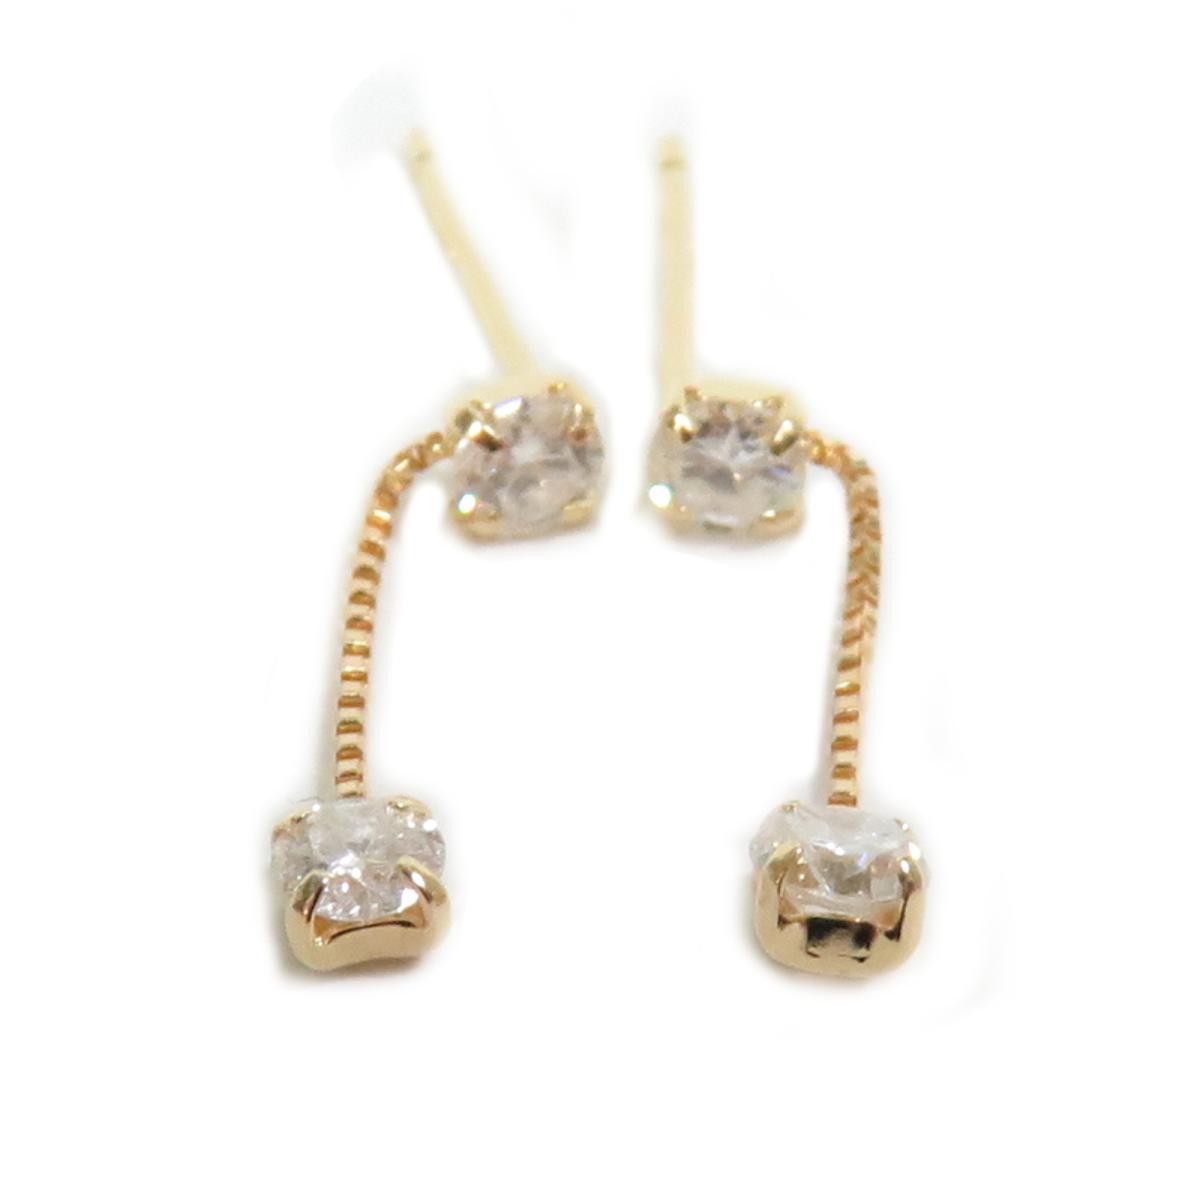 【中古】 ジュエリー ダイヤモンド ピアス レディース K18YG (750) イエローゴールド / ダイヤモンド0.15ct x 2 | JEWELRY BRANDOFF ブランドオフ ブランド アクセサリー